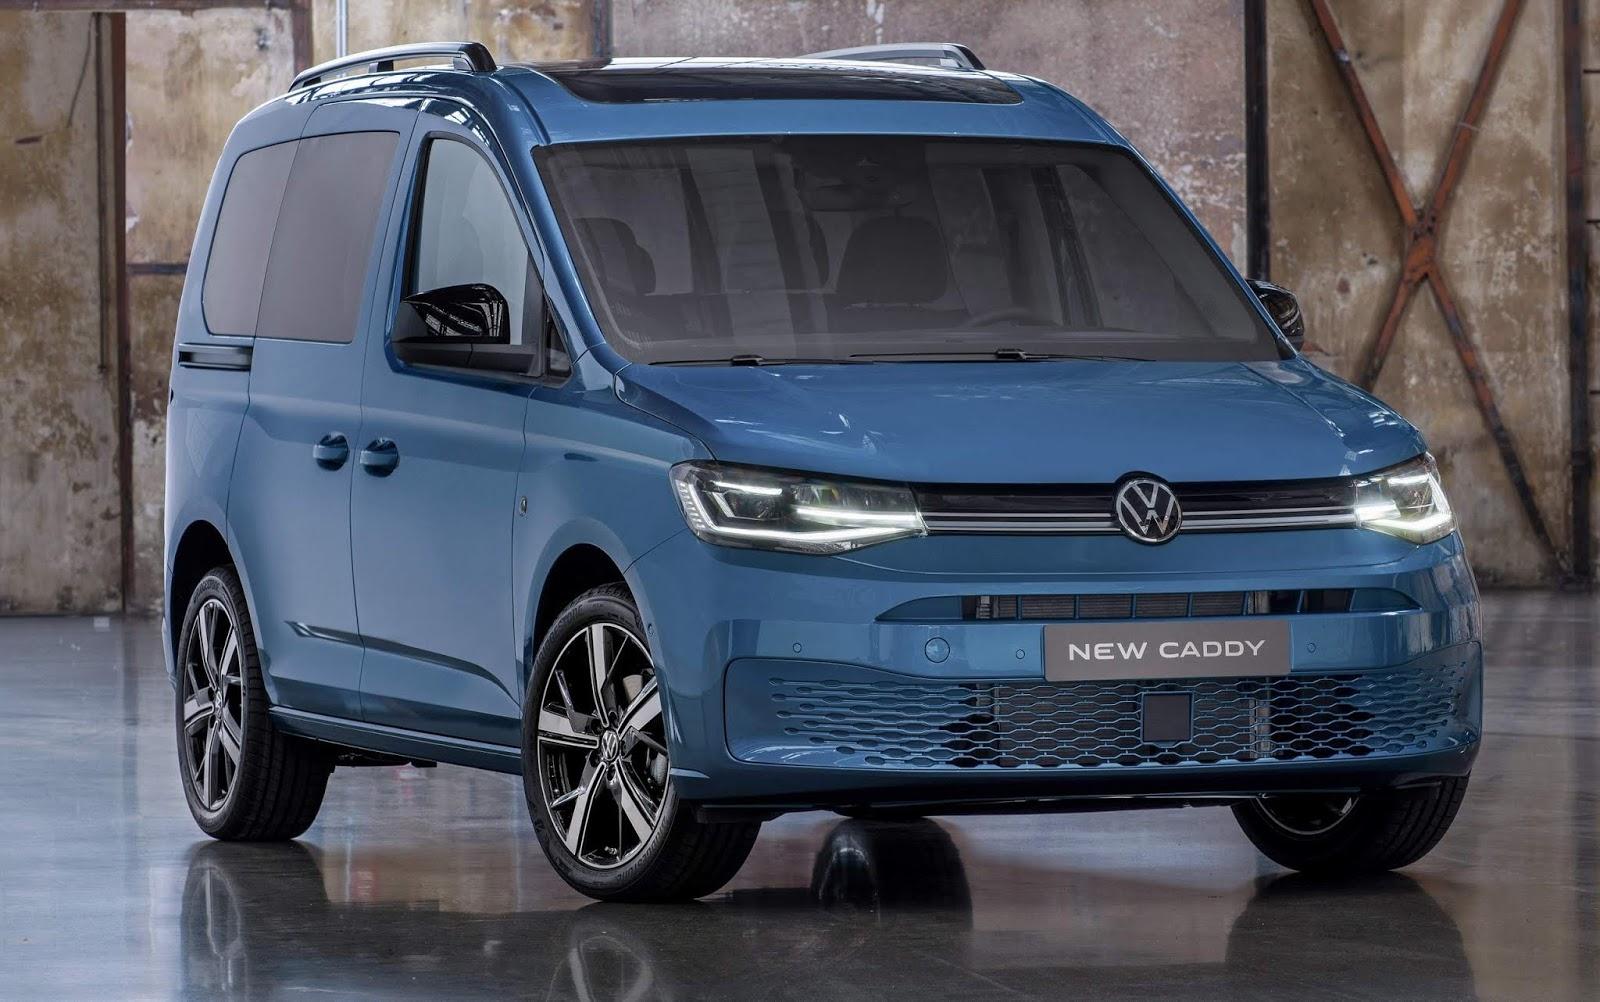 Novo VW Caddy 2021: o Golf Mk8 em plataforma van - fotos ...